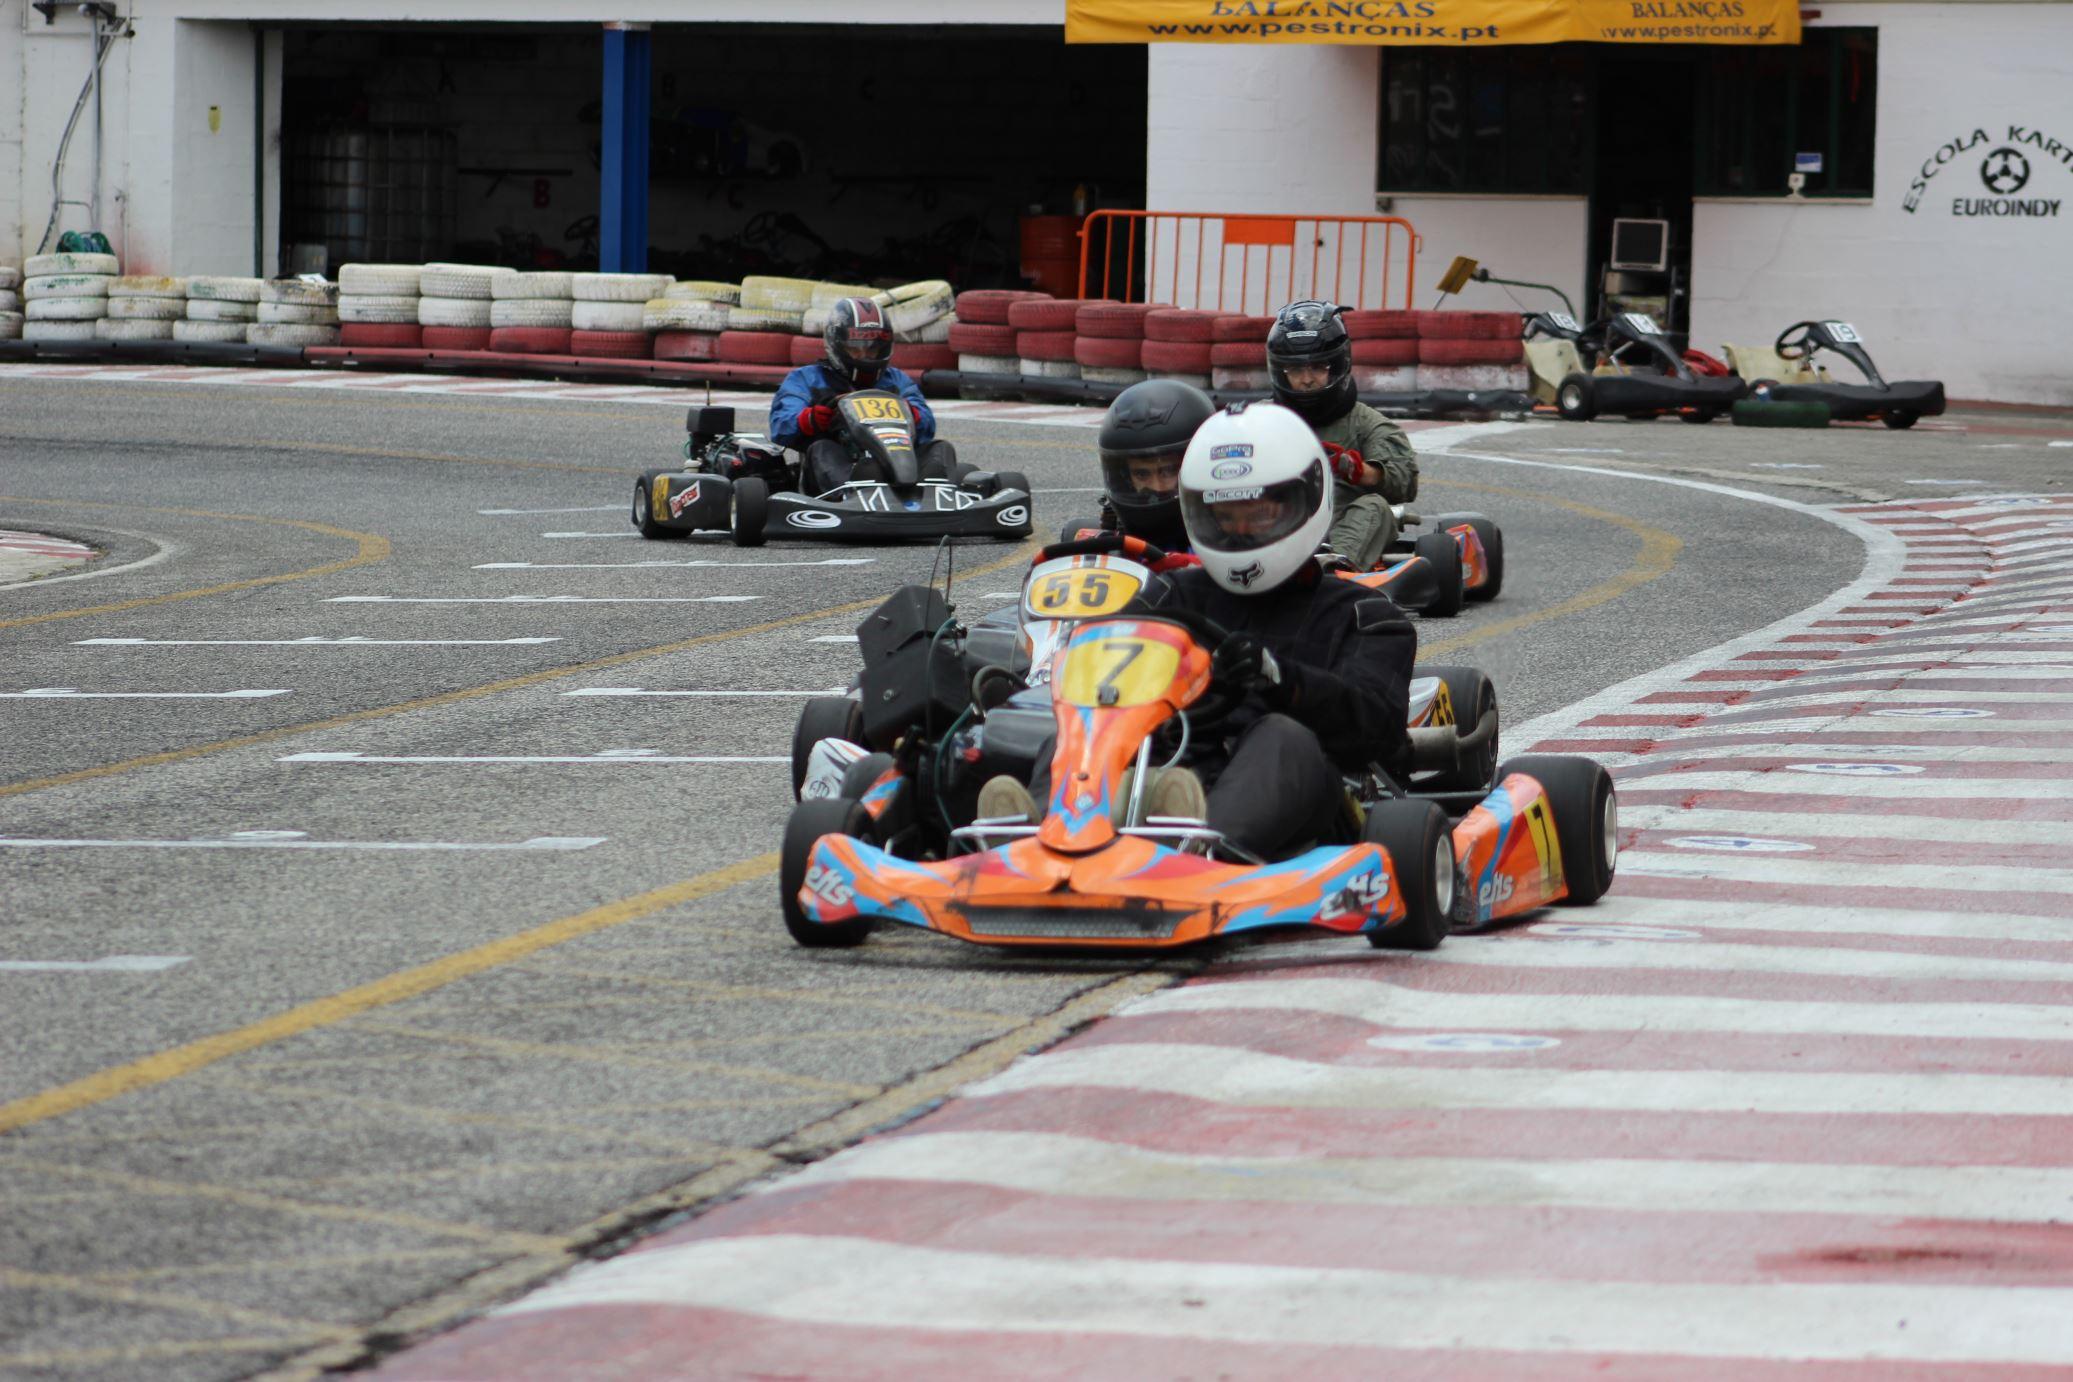 Troféu Honda 2014 - 2ª Prova169